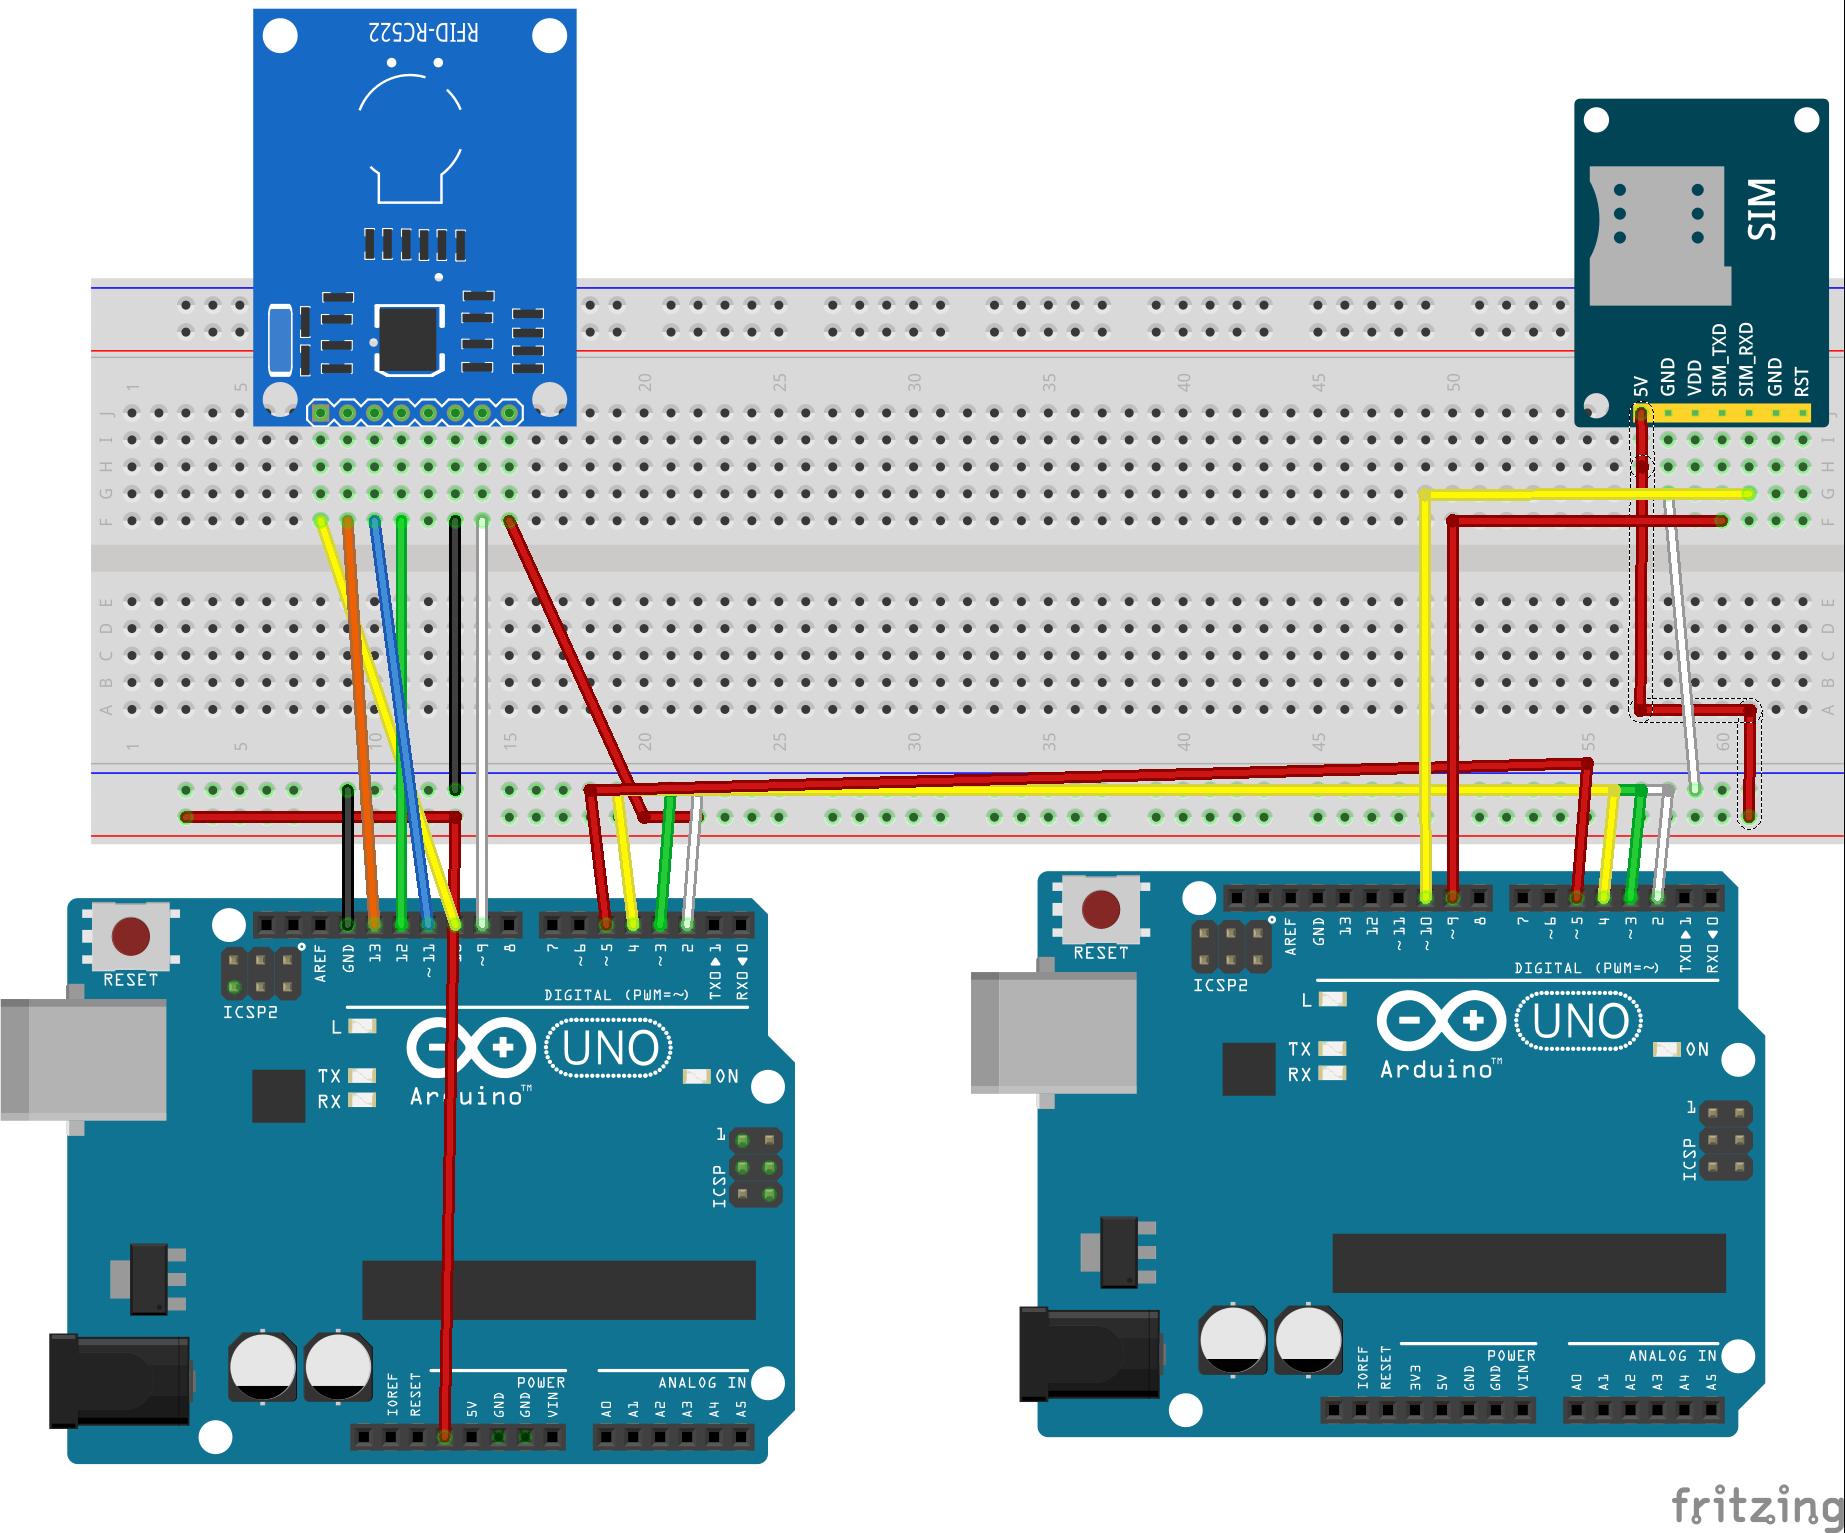 Arduino uno r3 with rfid rc522 bb pz68fkbwu7